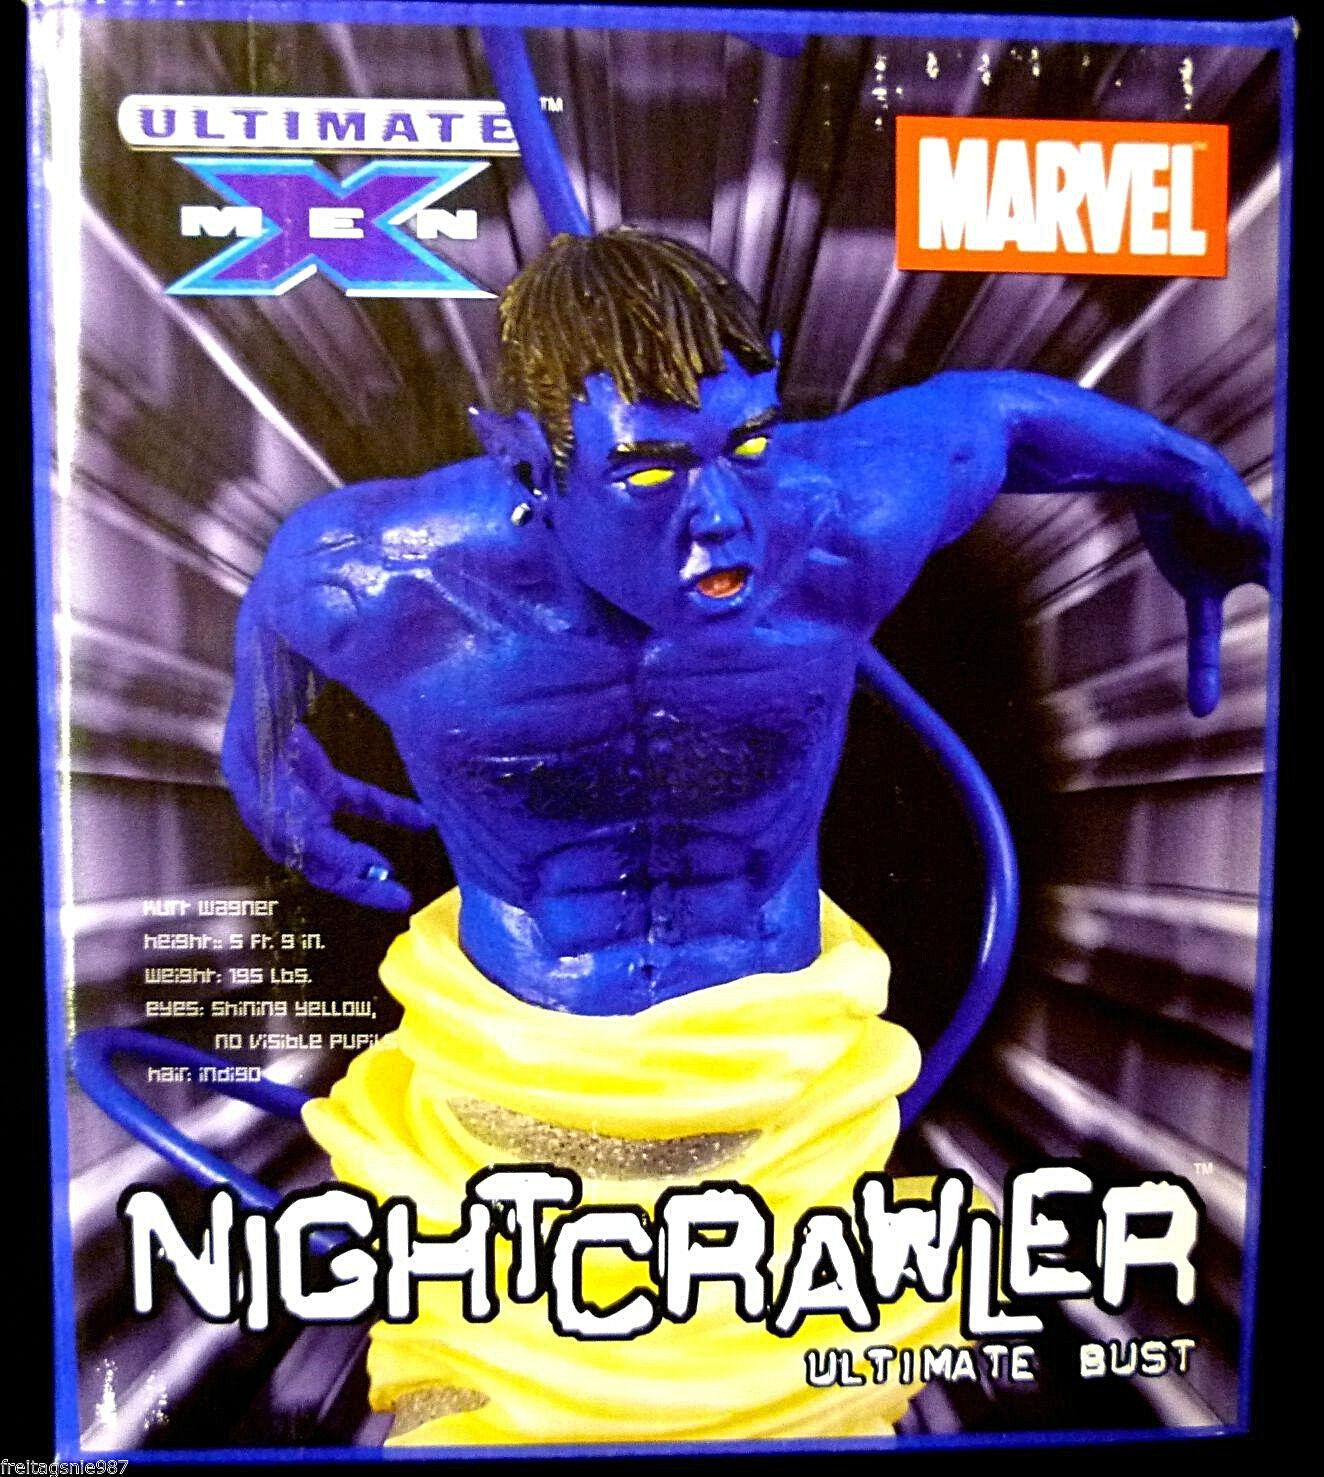 ULTIMATE ULTIMATE ULTIMATE X-MEN NIGHTCRAWLER  Marvel  bust 16cm ltd 5000 Diamond 4b388c